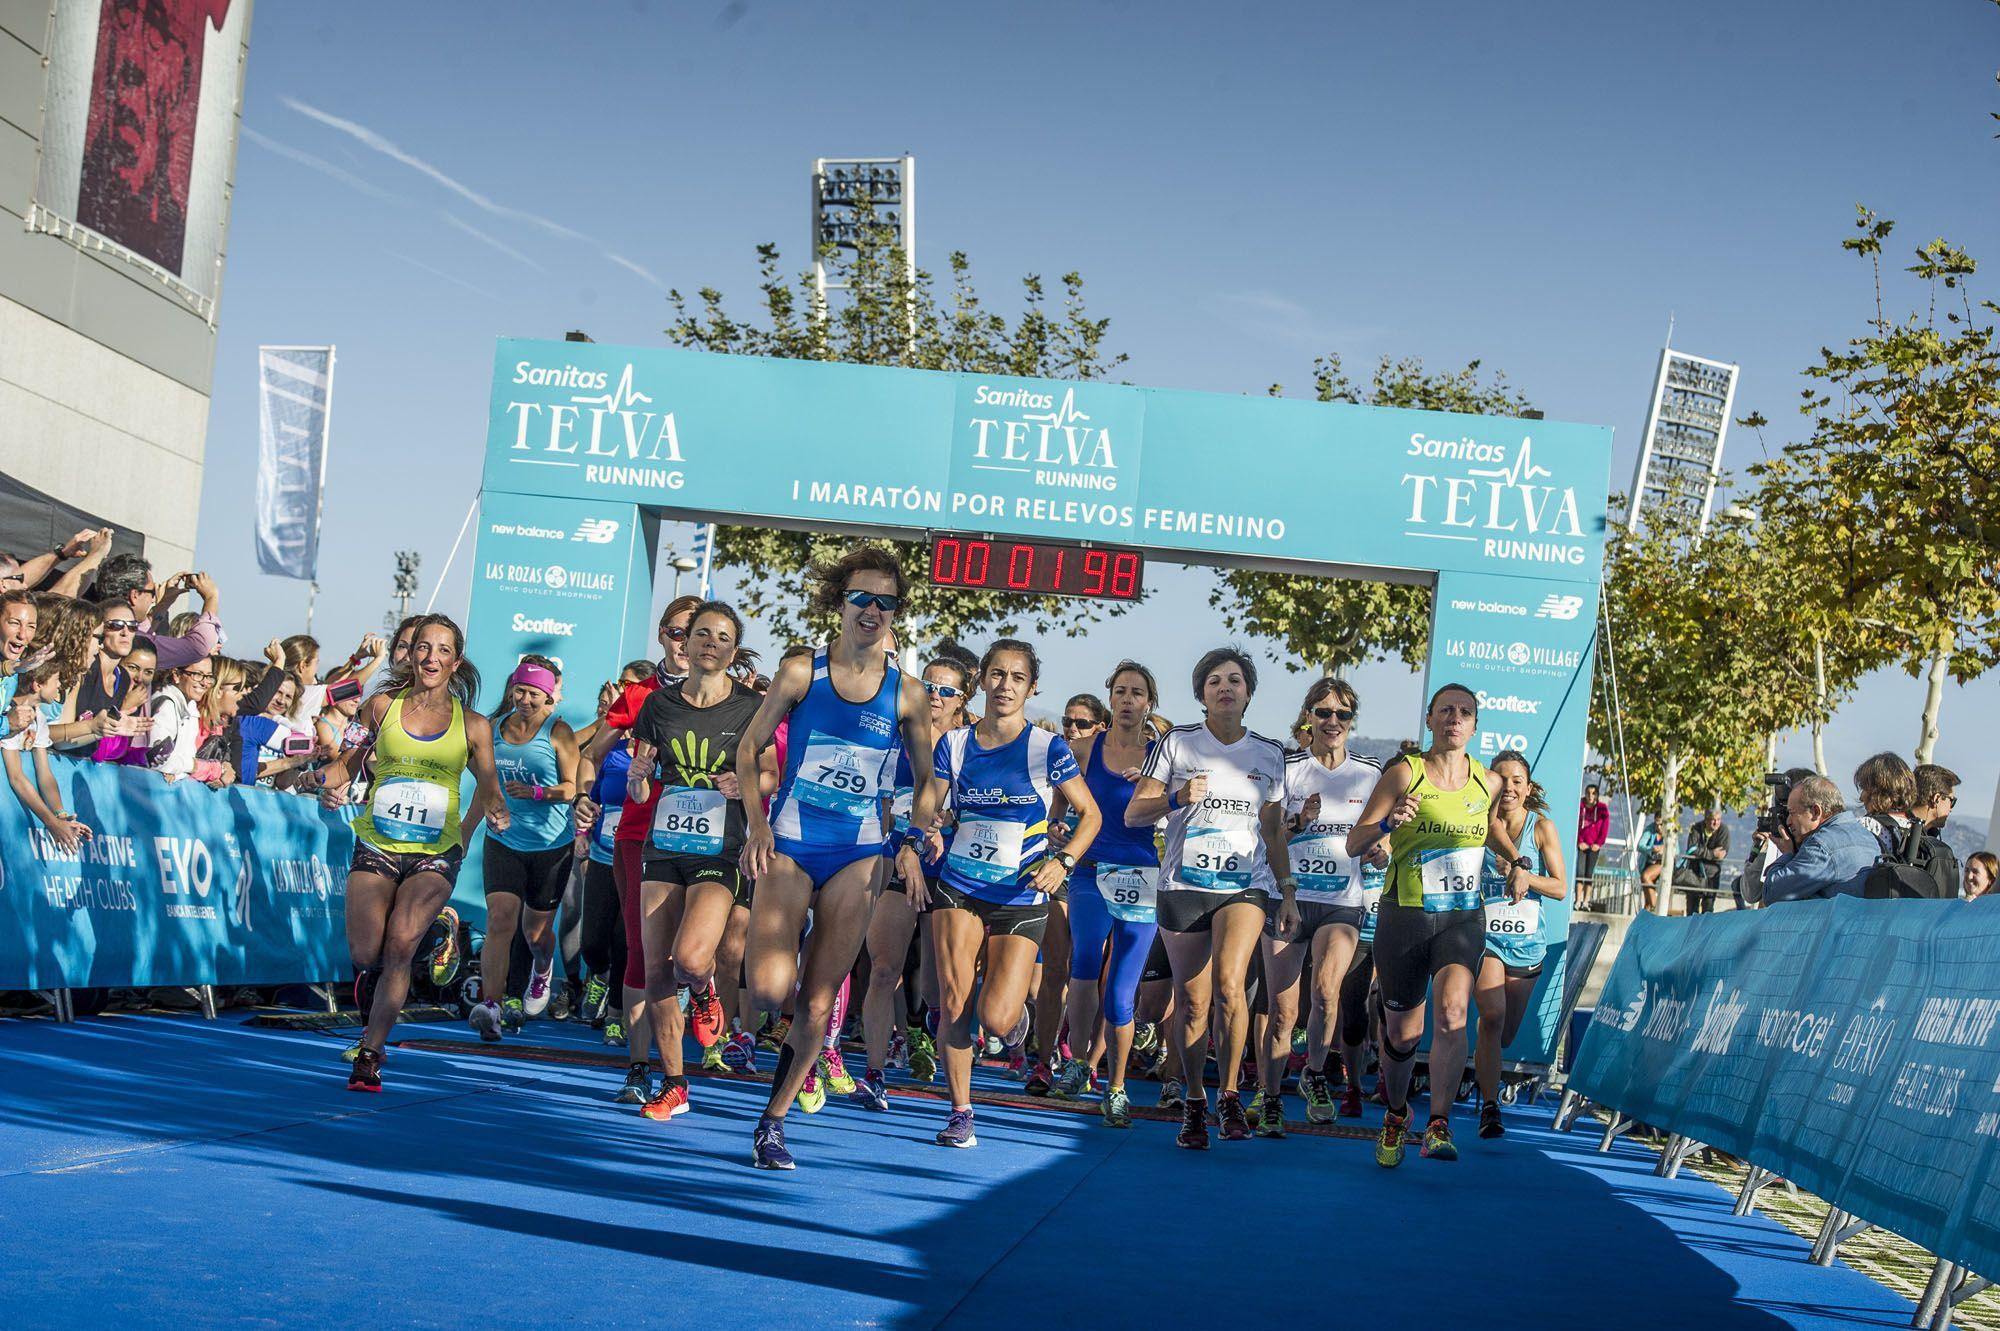 La localidad madrileña de Las Rozas ha acogido el Primer Maratón por Relevos femenino.